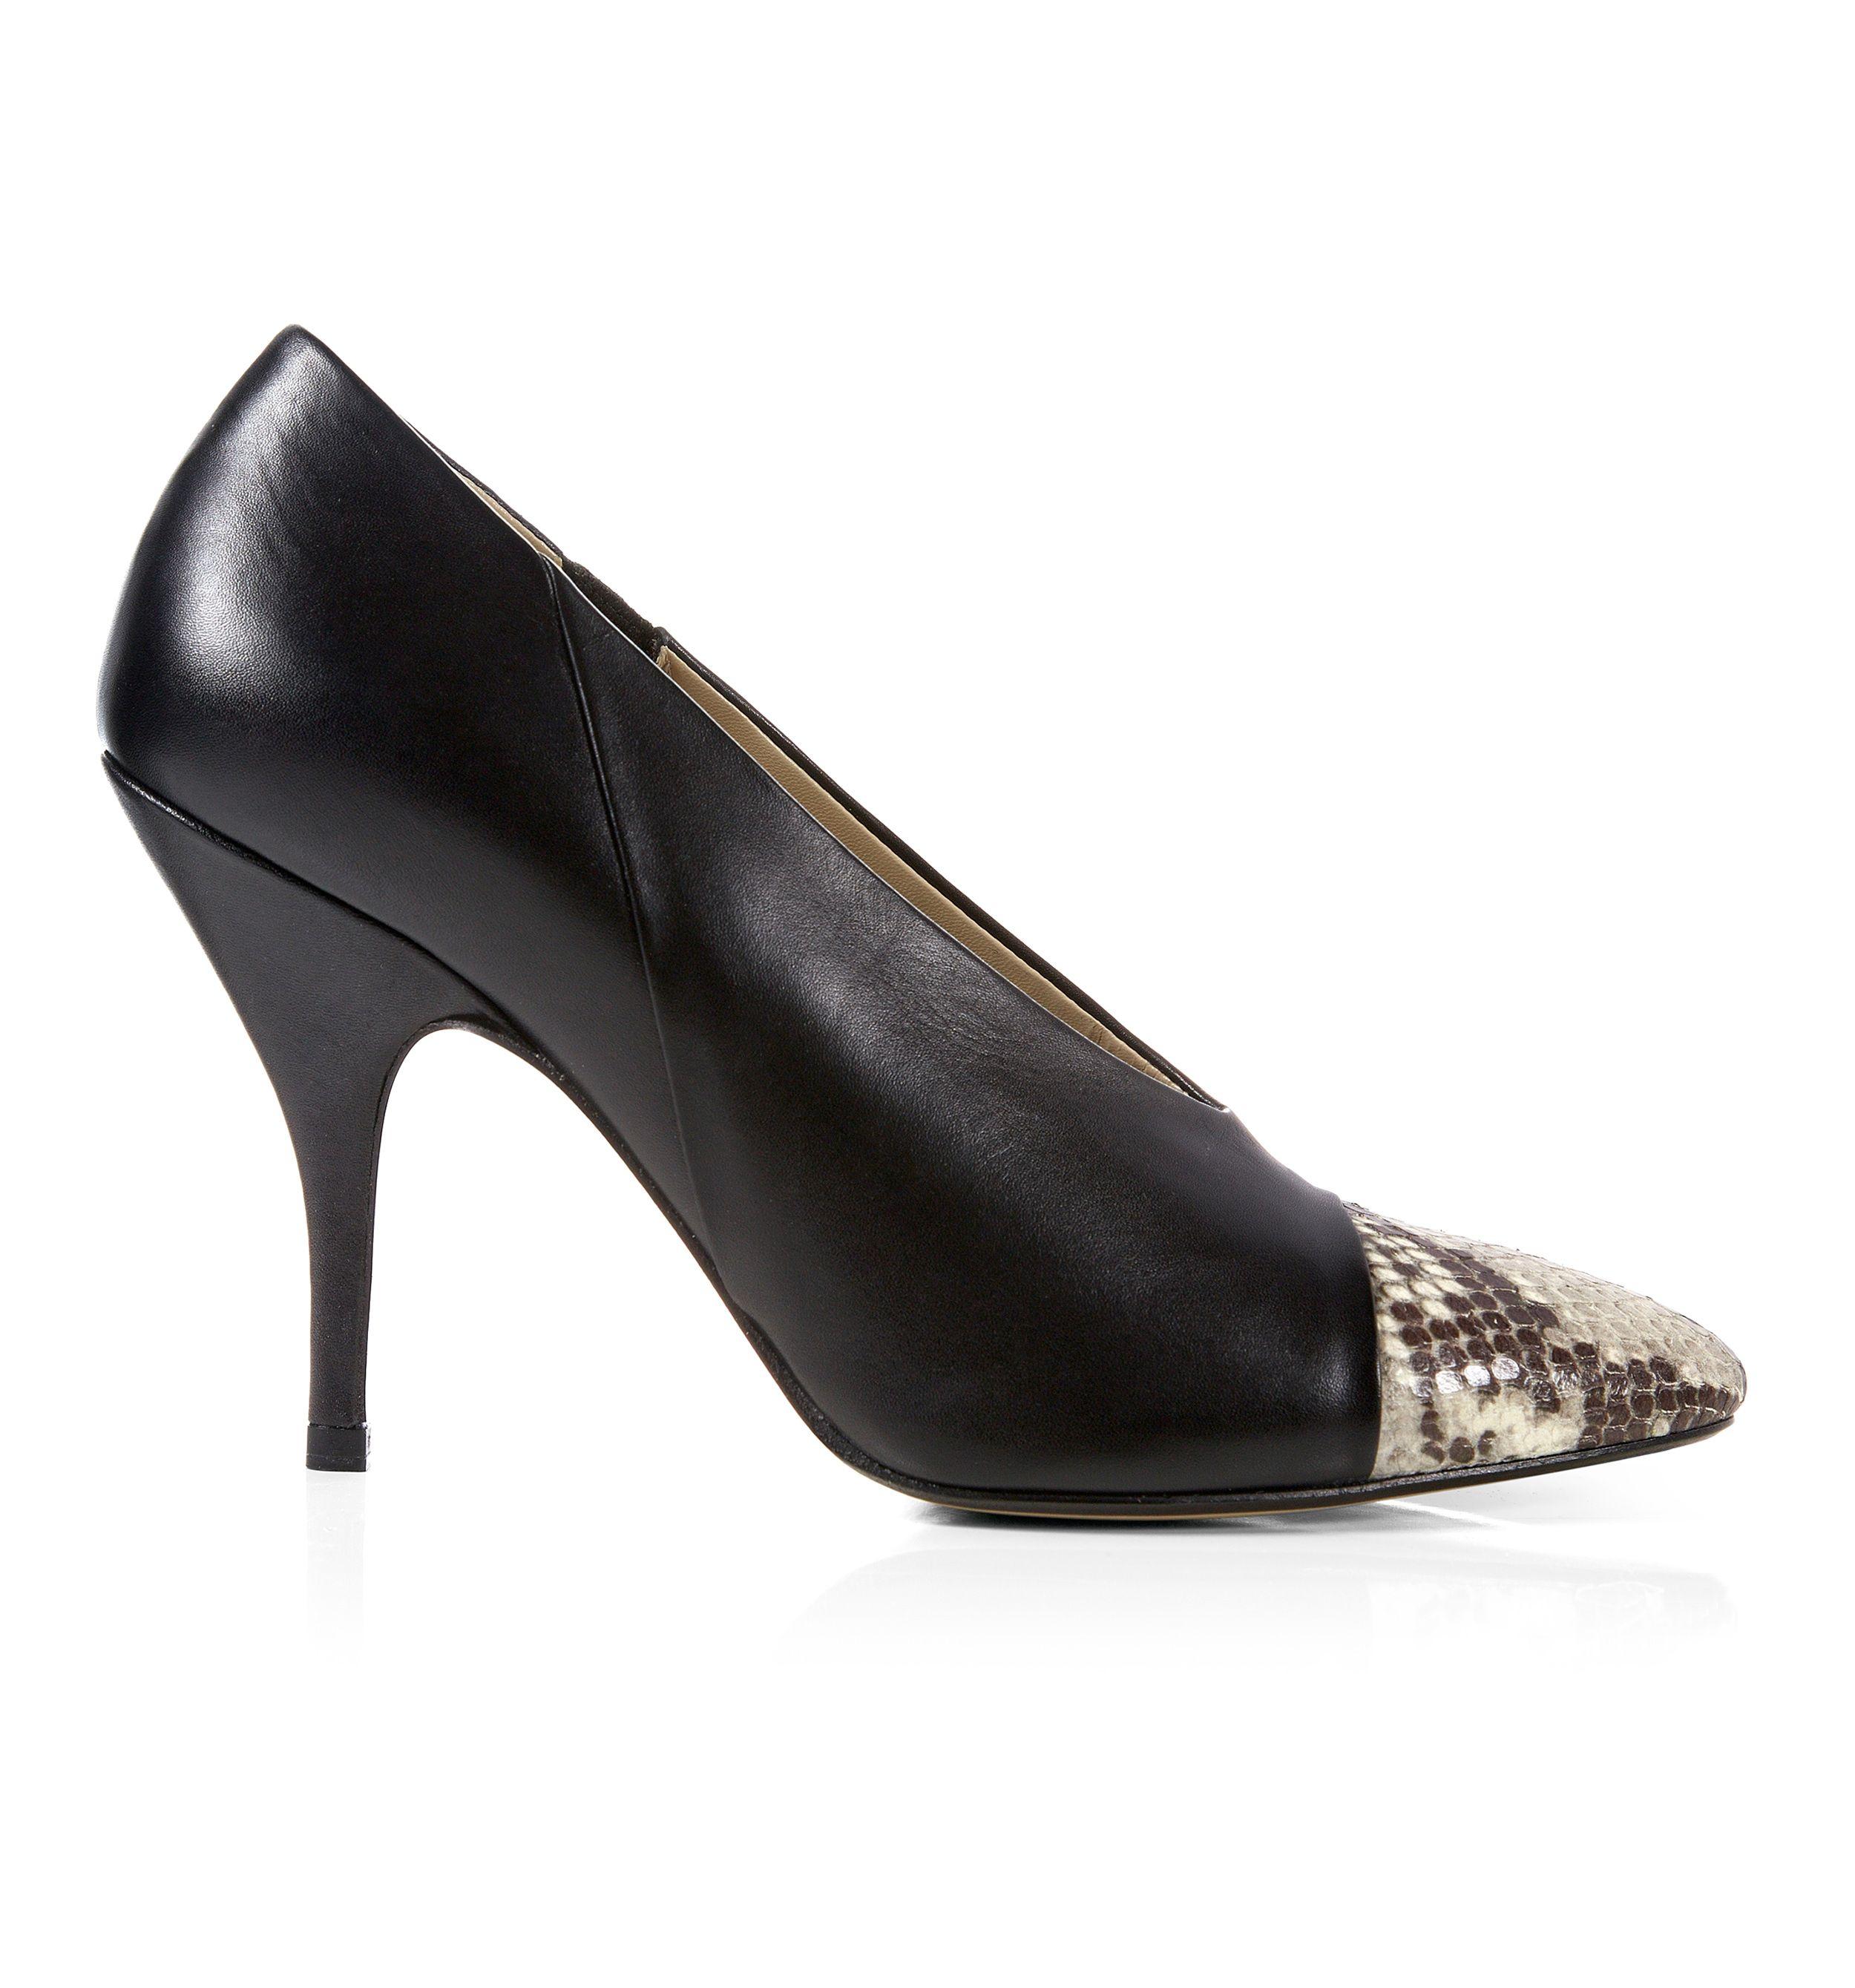 Hobbs Black Suede Shoes